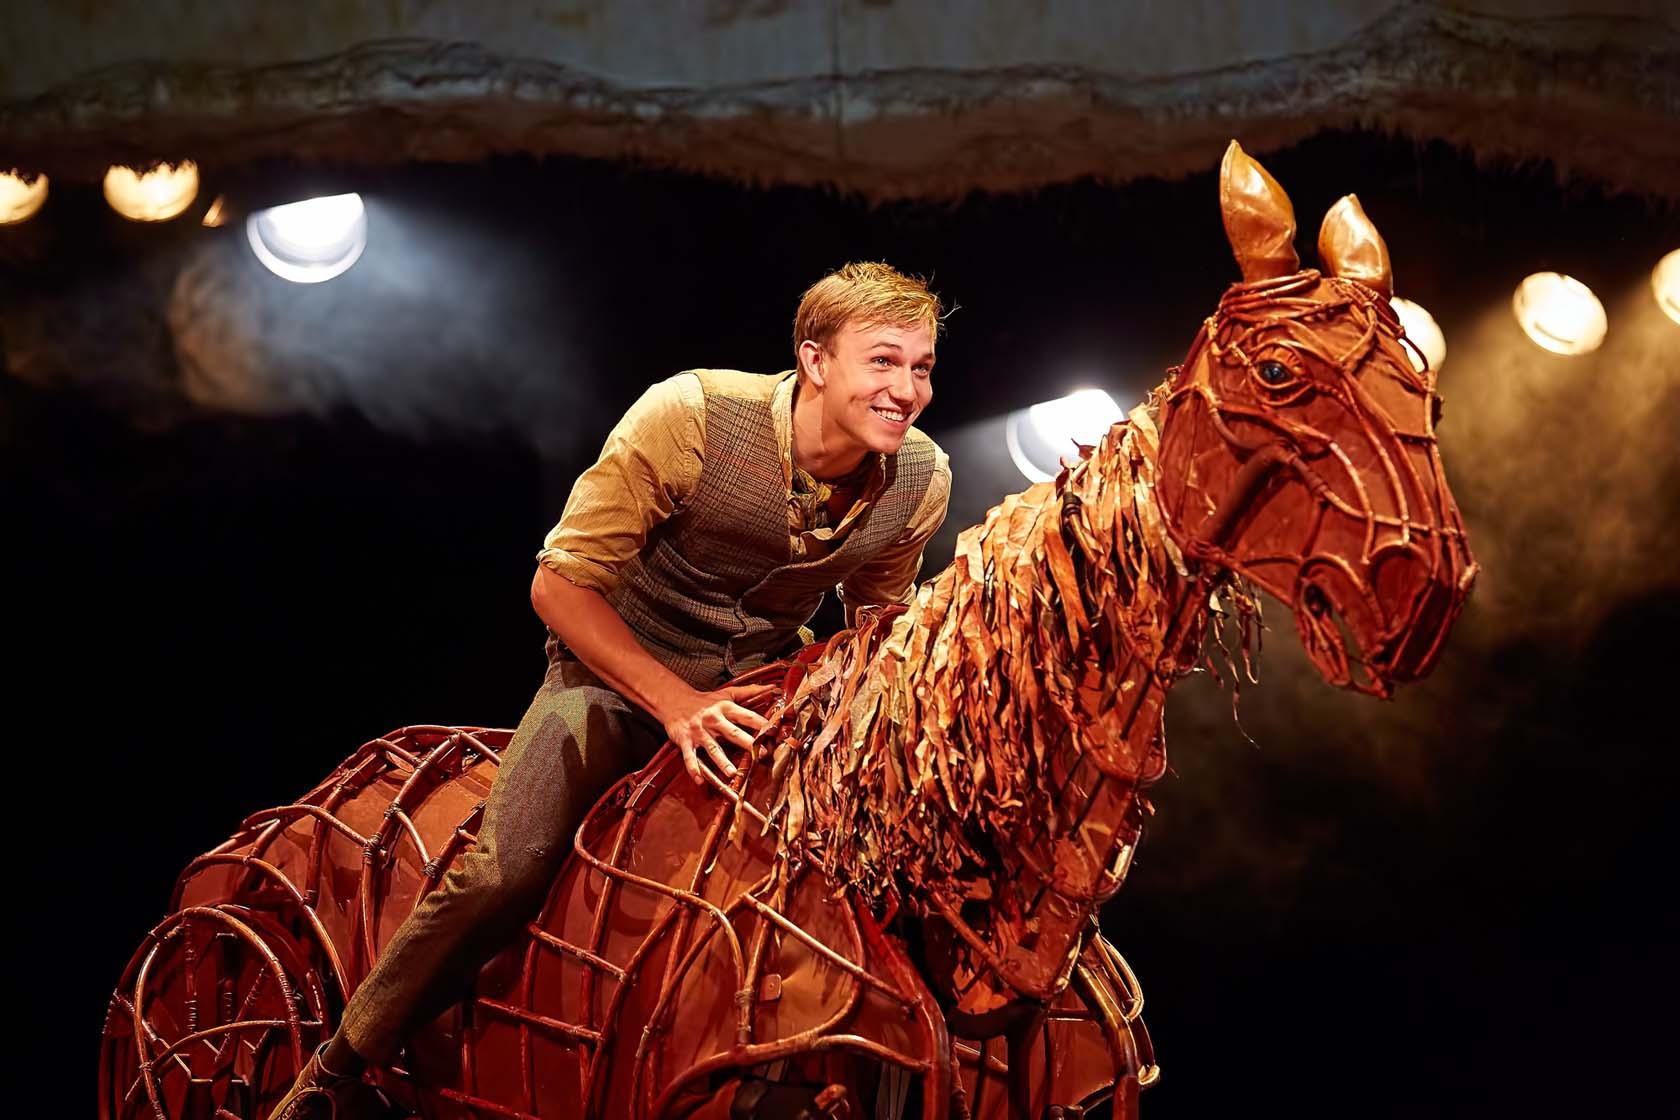 Warhorse-Stichting-Theateralliantie-Amsterdam-2014-Brinkhoff-Moegenburg-21